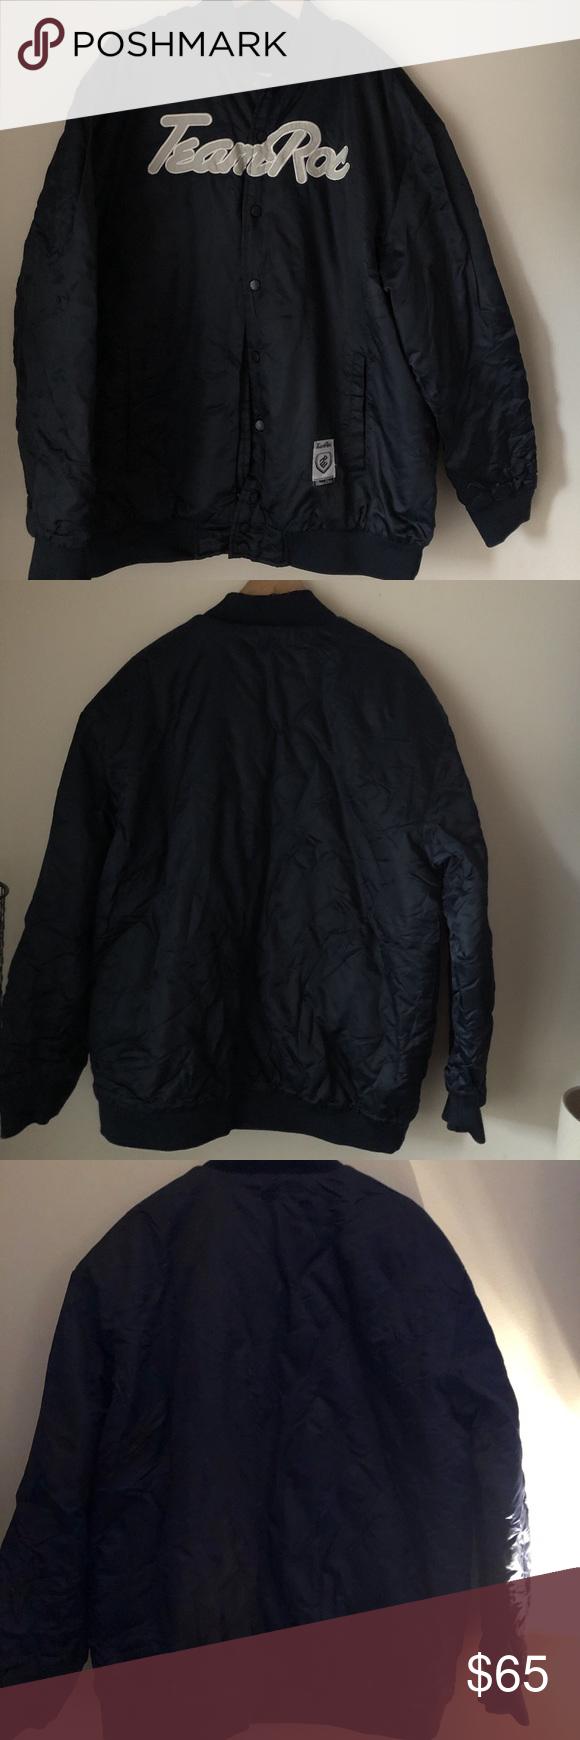 Teamroc Satin Jacket Satin Jackets Jackets Clothes Design [ 1740 x 580 Pixel ]